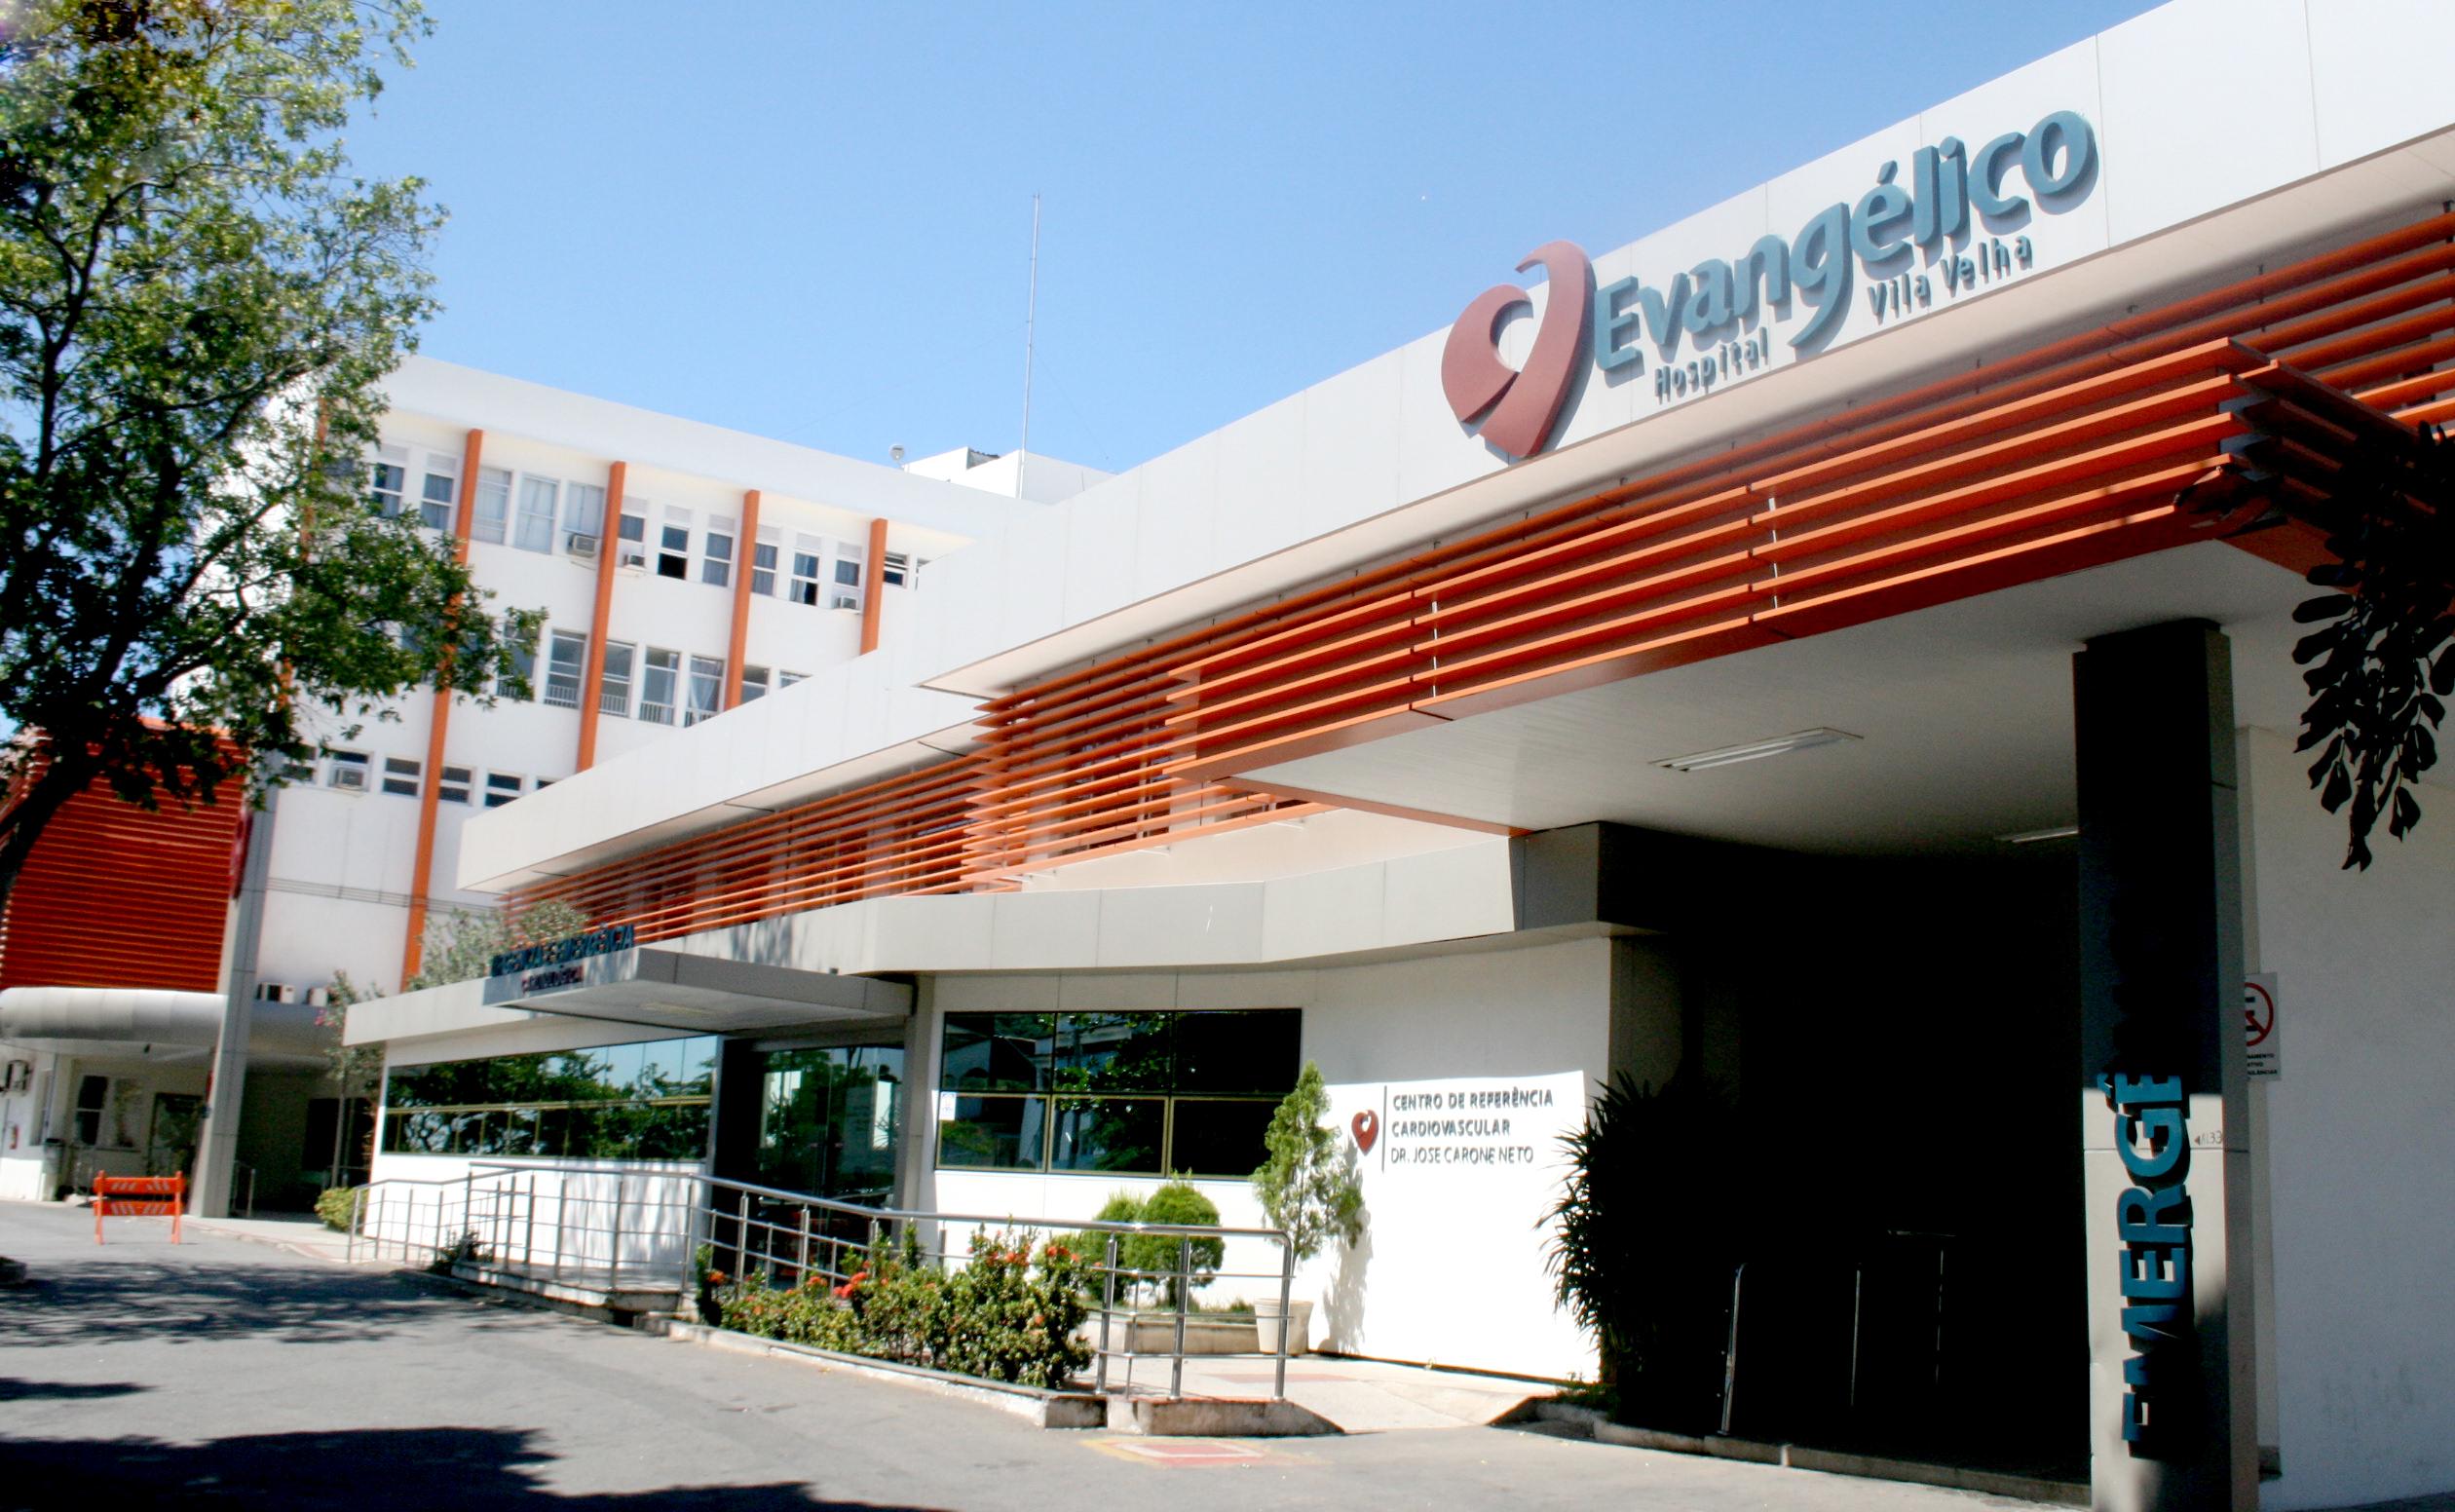 HEVV figura a lista dos melhores hospitais do mundo da revista Newsweek